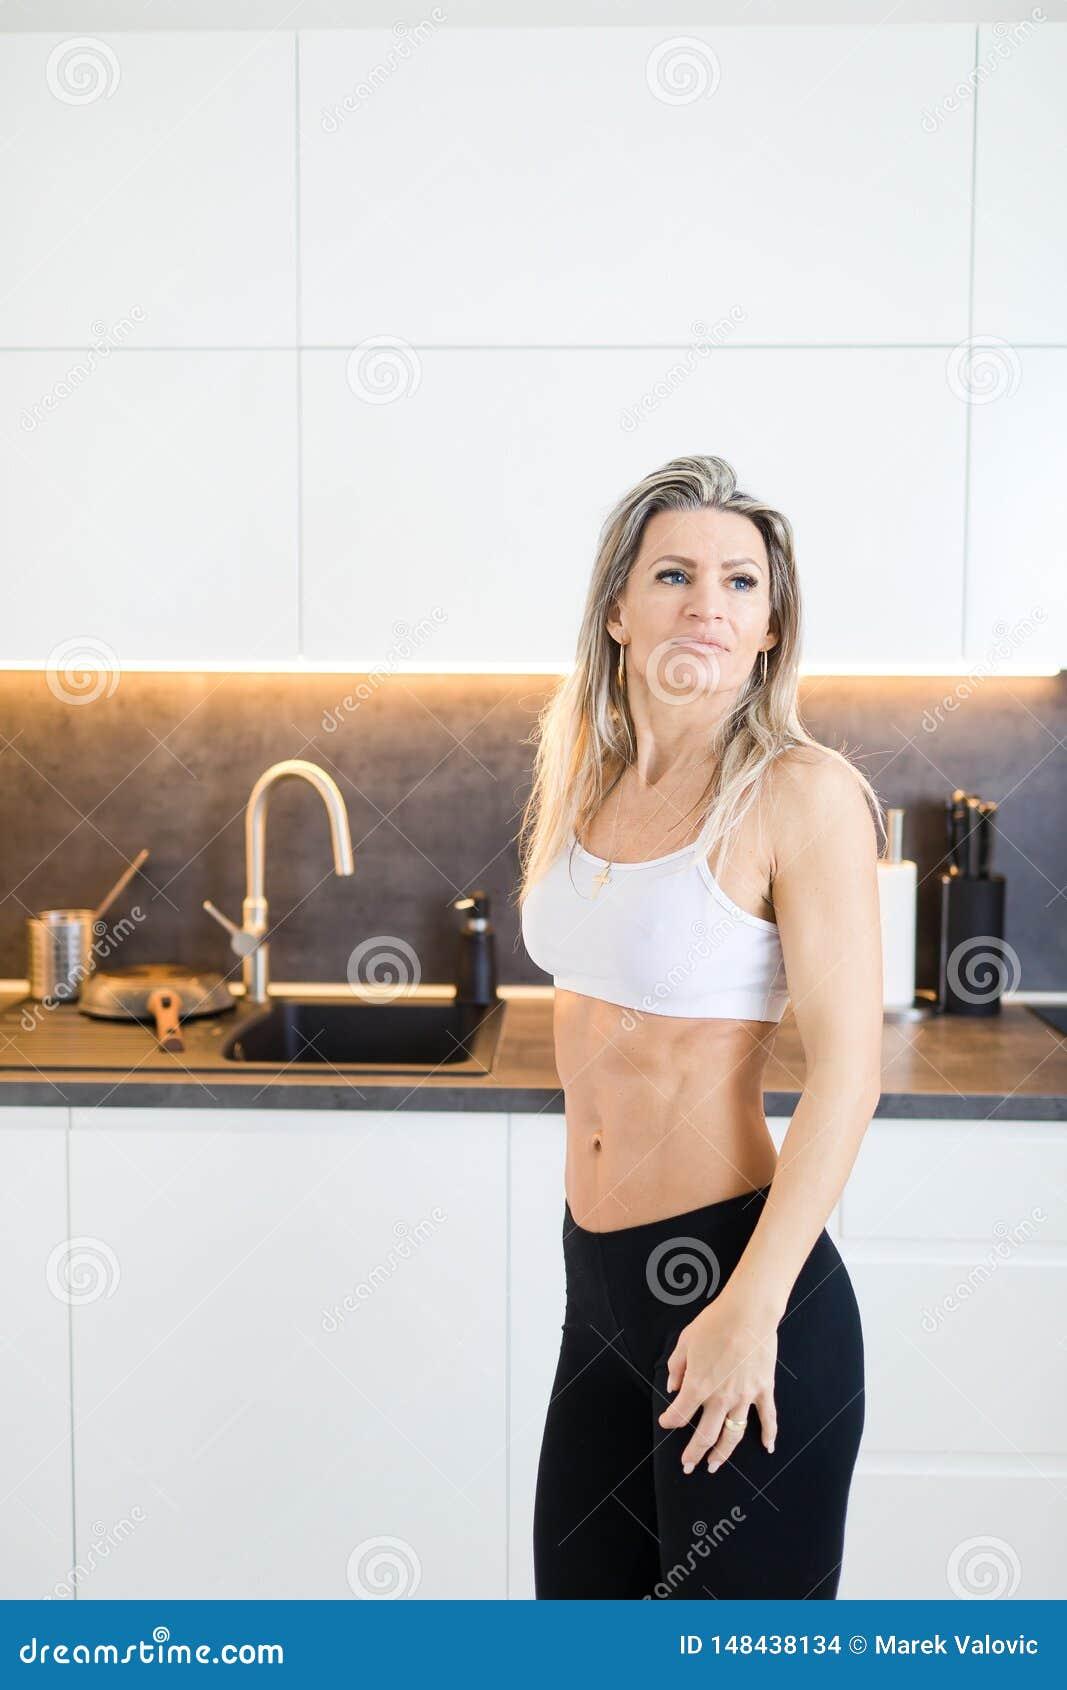 Sprawności fizycznej kobieta w kuchni - treningu ciało